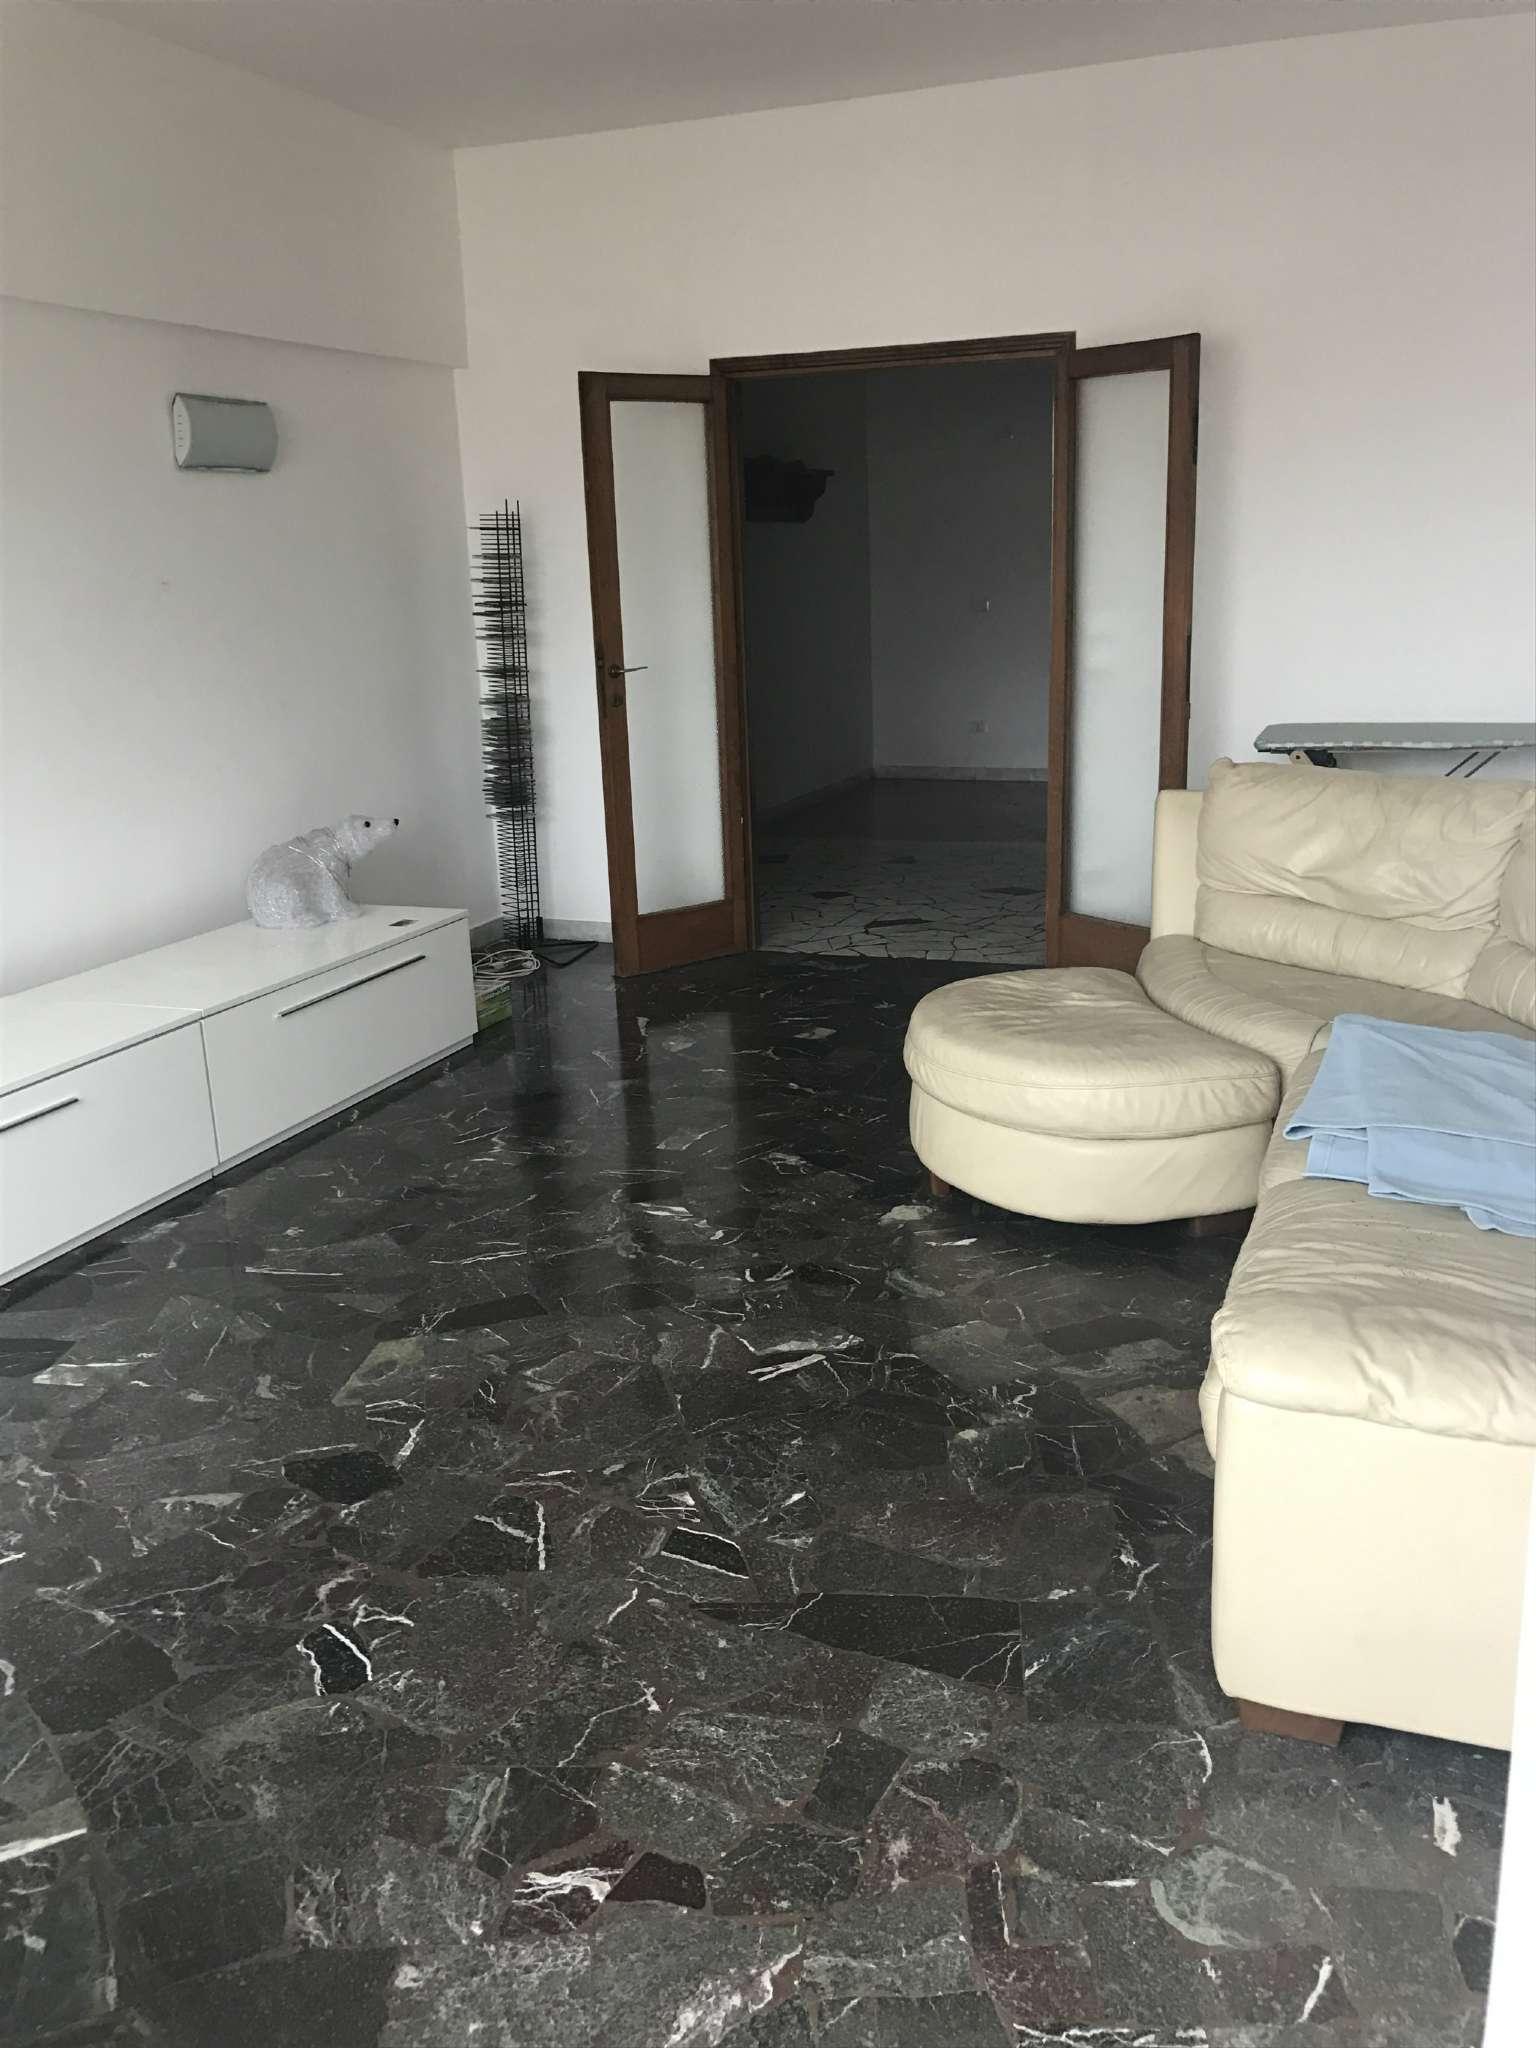 Appartamento in vendita a Venezia, 7 locali, zona Zona: 11 . Mestre, prezzo € 170.000 | CambioCasa.it